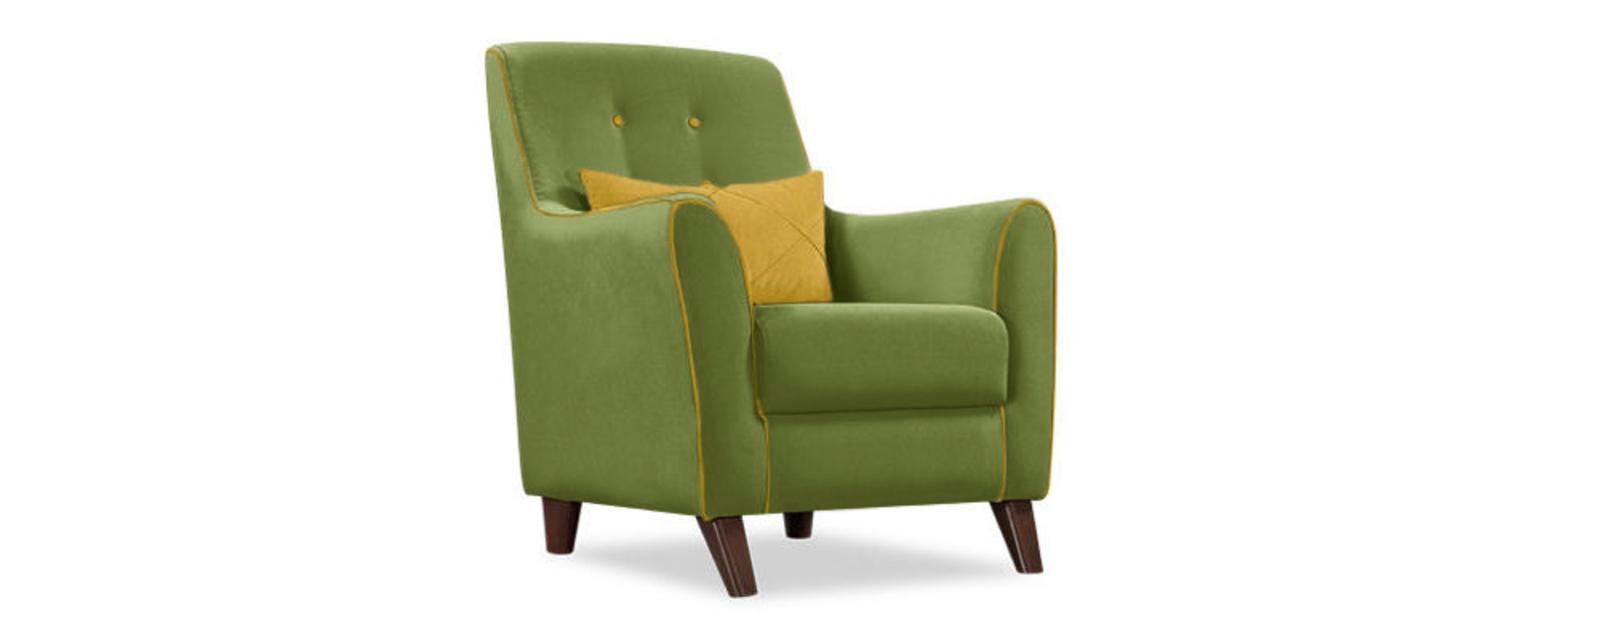 Кресло тканевое Френсис Velure зеленый/оливковая подушка